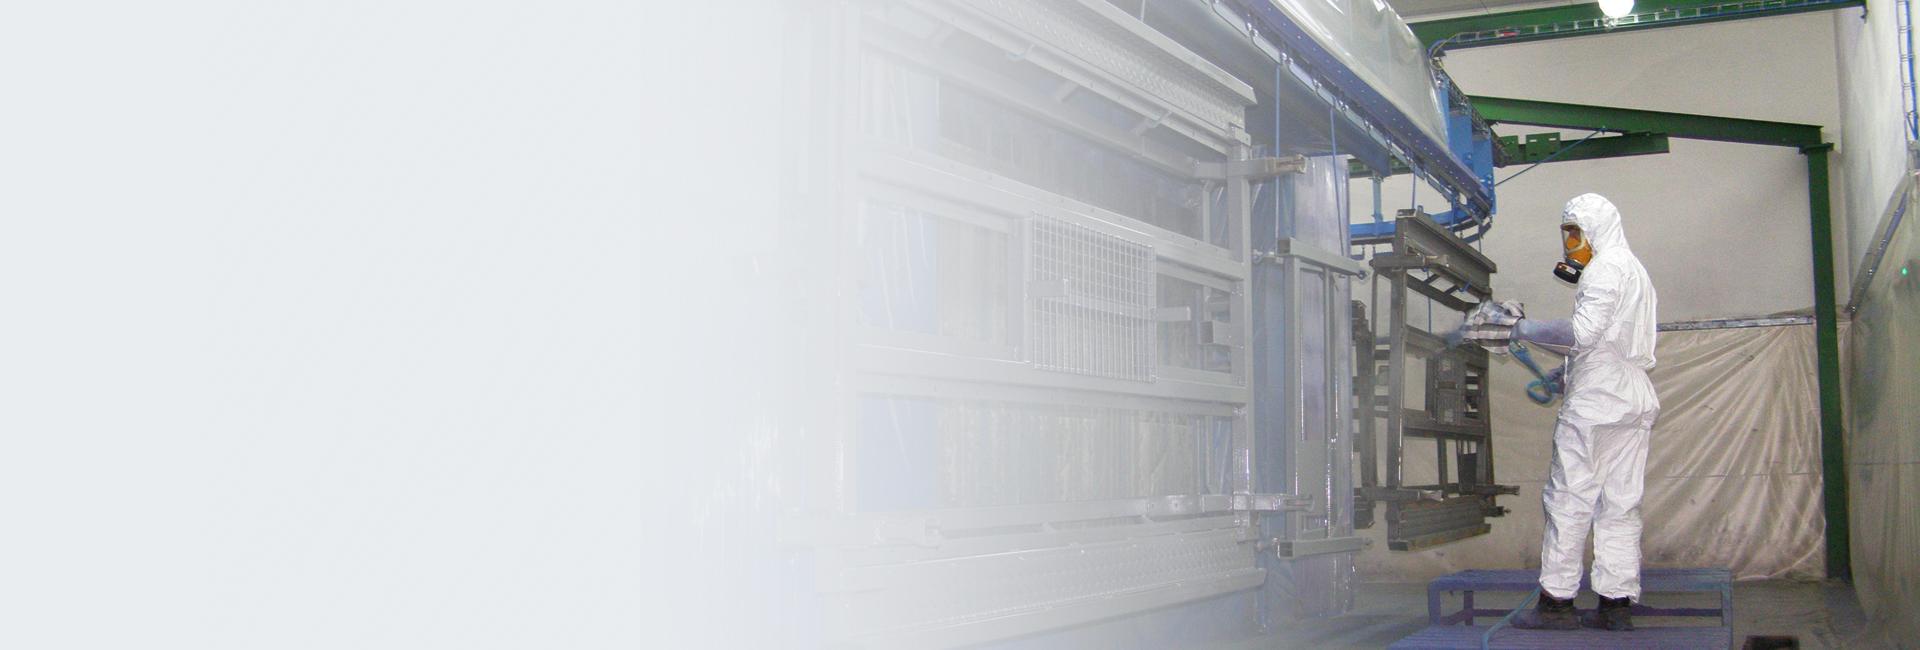 Oberflächenbehandlung von Metallen | KMetallerzeugung Novoť